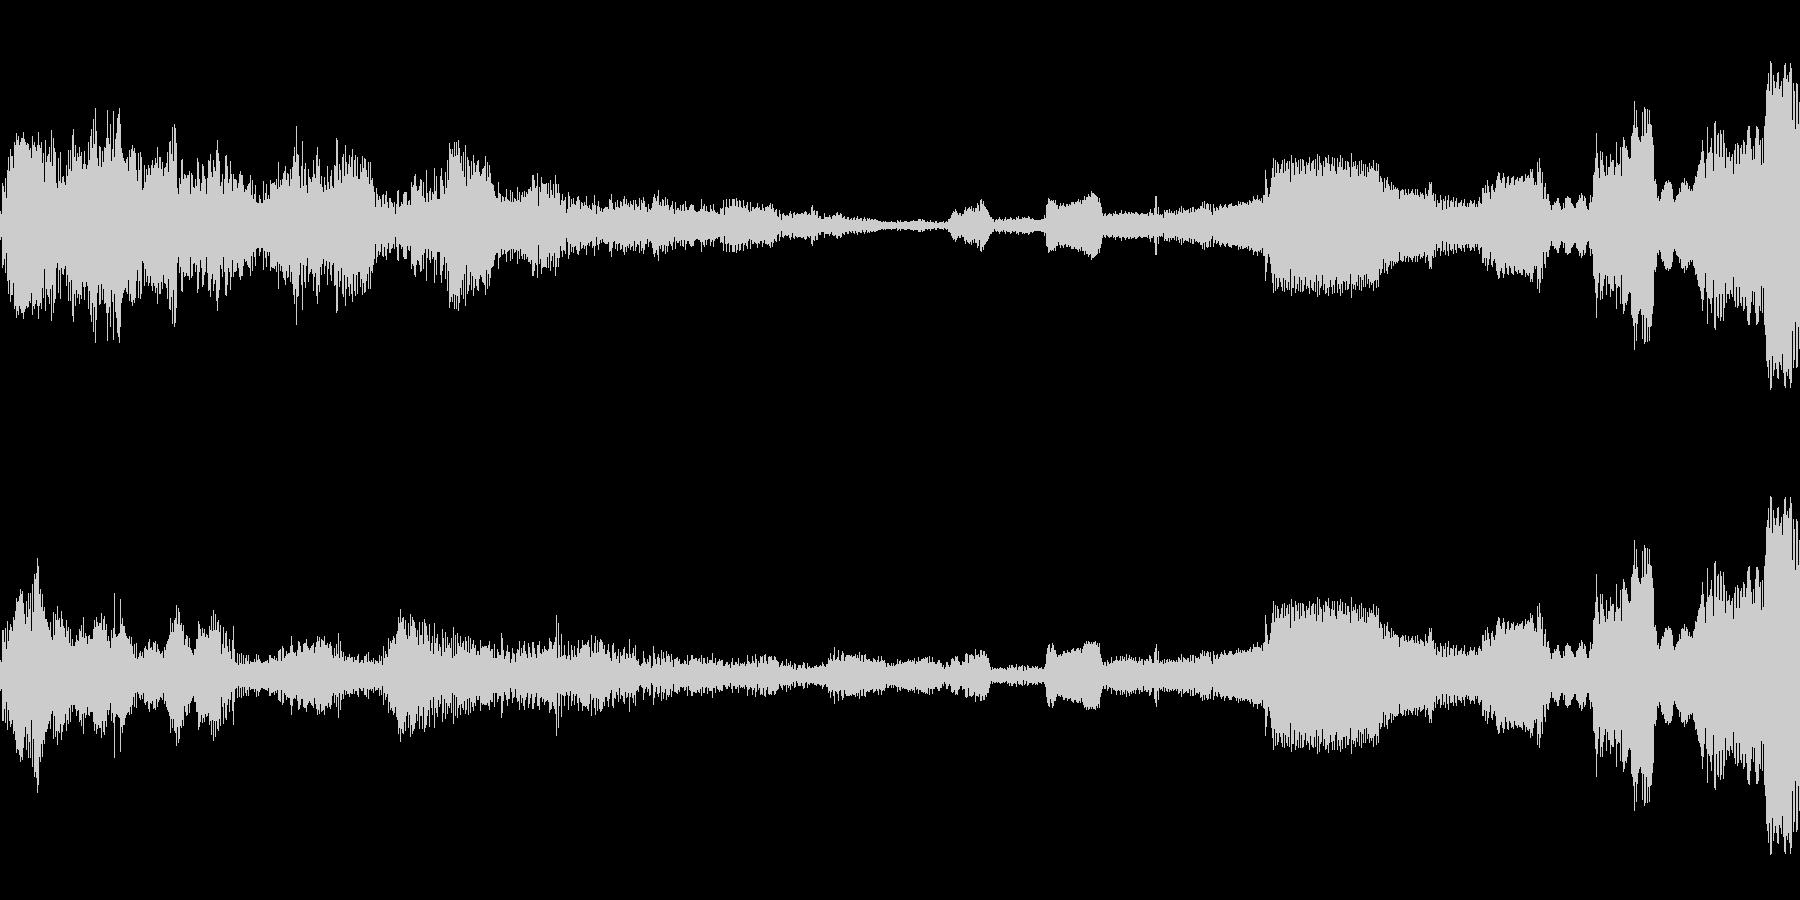 奇妙なランダムアルペジオの未再生の波形